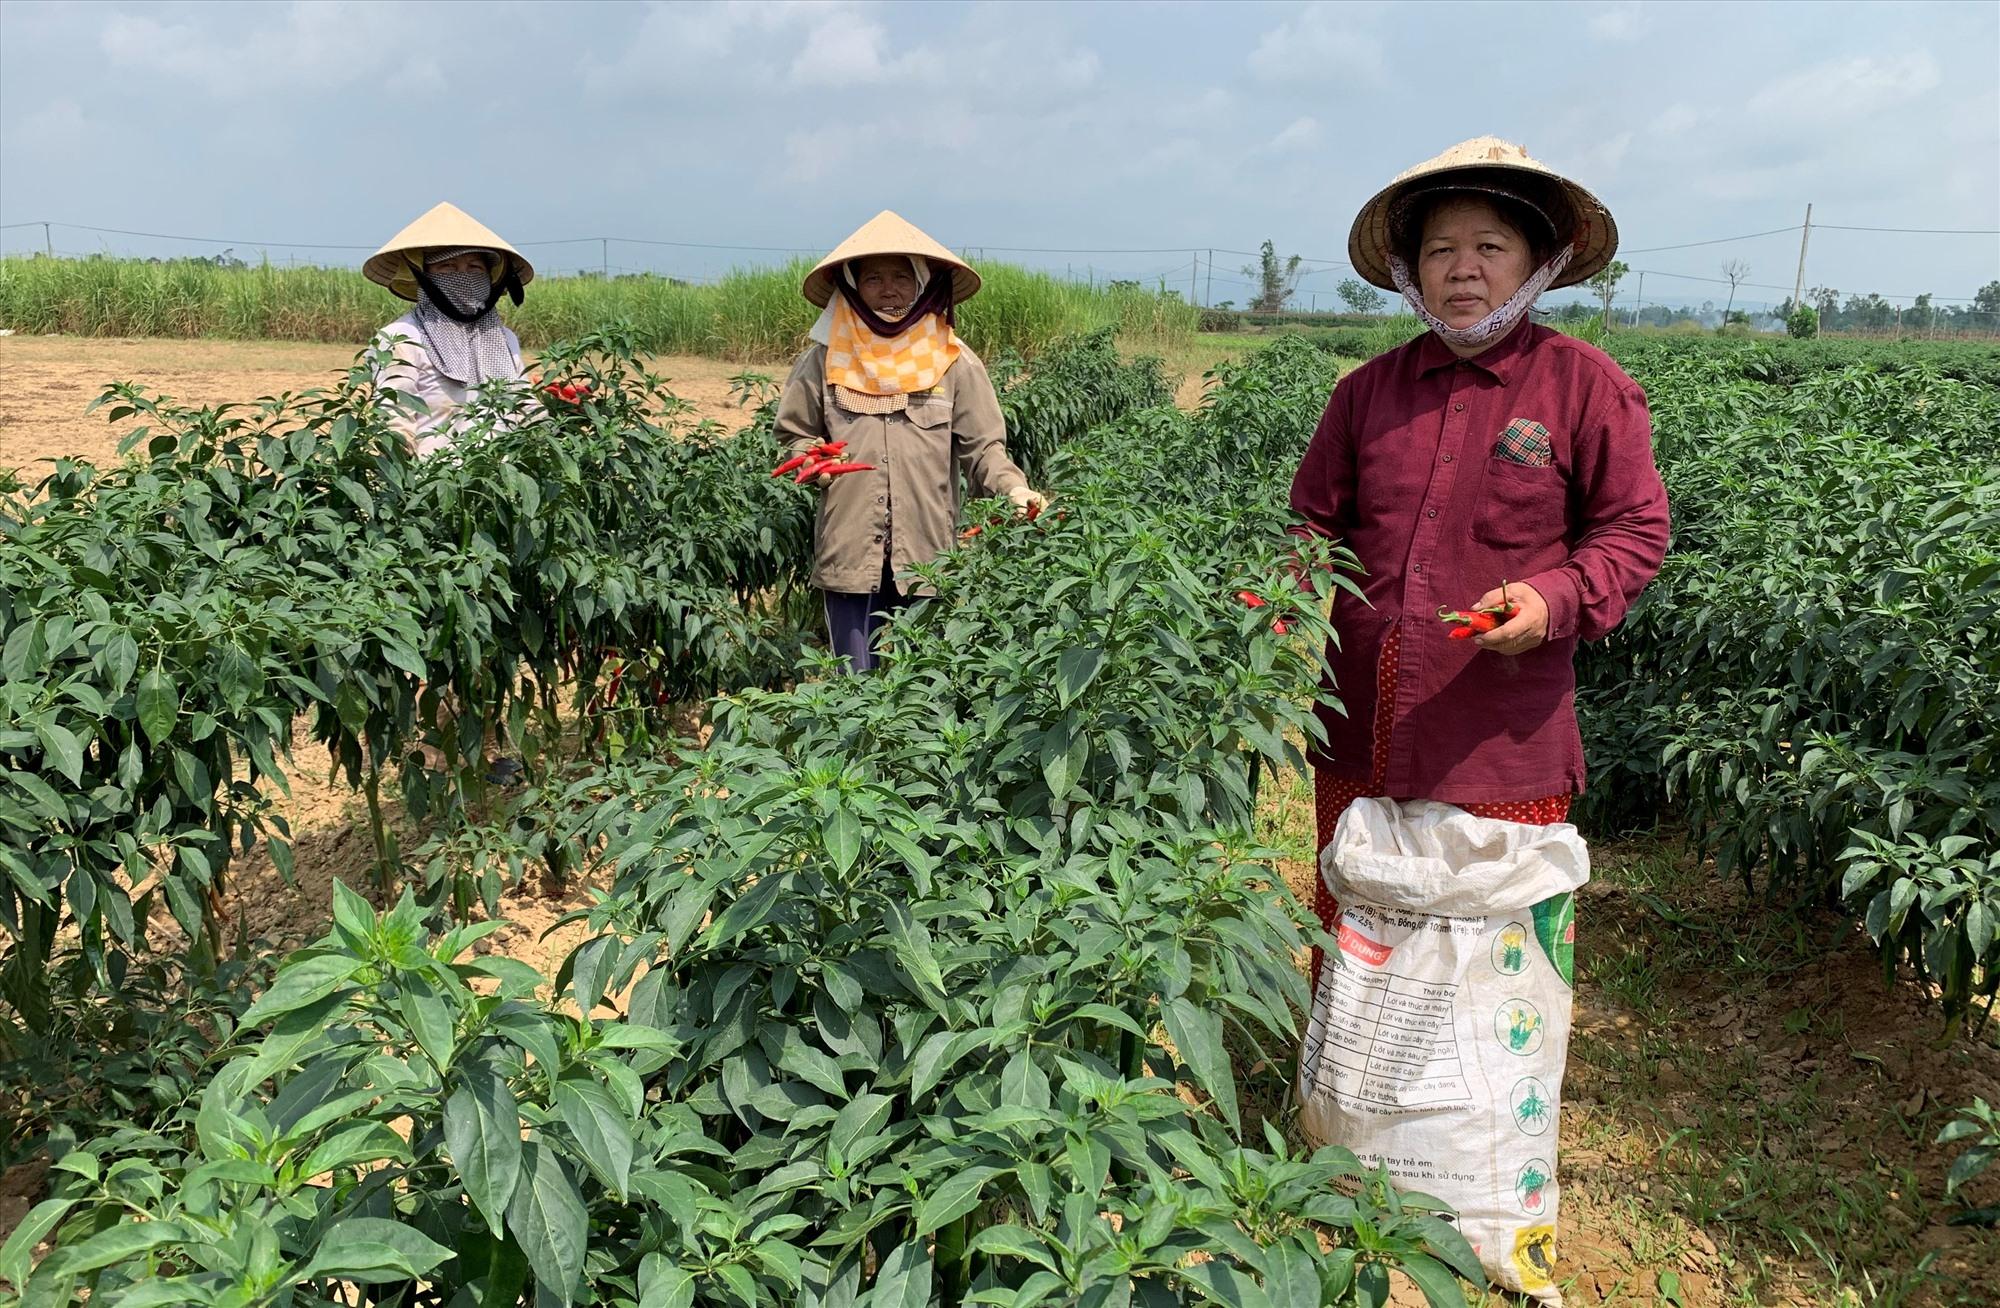 Nhiều vùng chuyên canh cây trồng cạn ở xã Duy Châu (Duy Xuyên) cho giá trị từ 90 - 150 triệu đồng/ha/năm. Ảnh: T.L